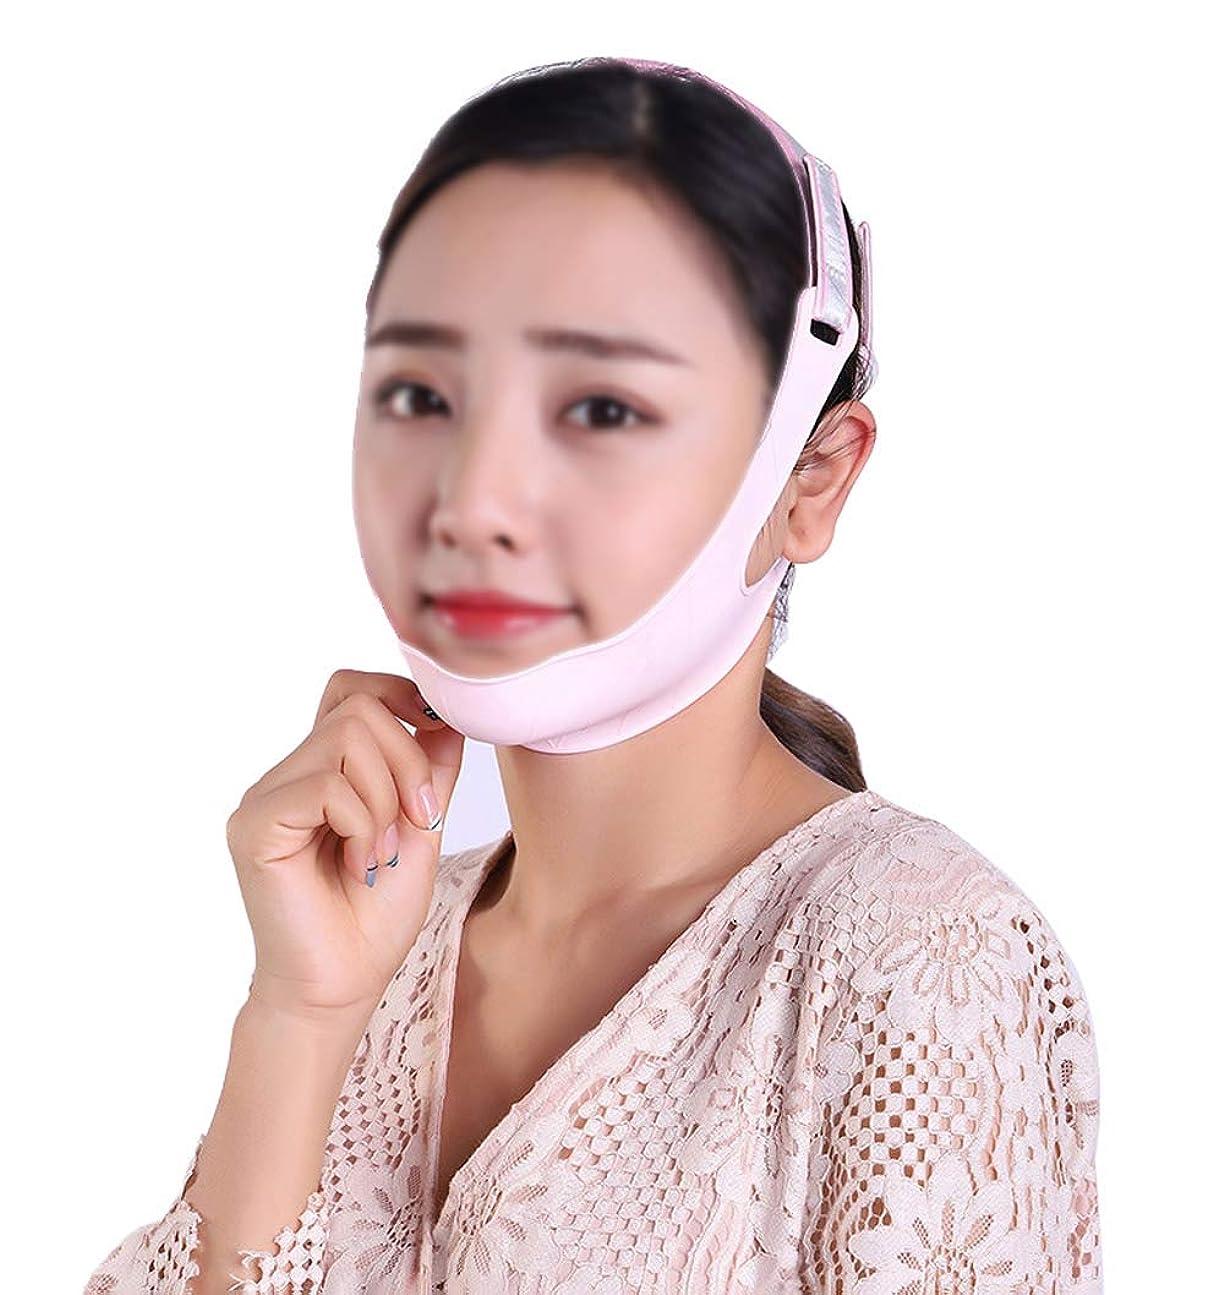 多様な自分大学院TLMY フェイシャルリフティングマスクシリコンVマスク引き締めフェイシャル包帯スモールVフェイスアーティファクト防止リラクゼーションフェイシャル&ネックリフティング 顔用整形マスク (Size : M)